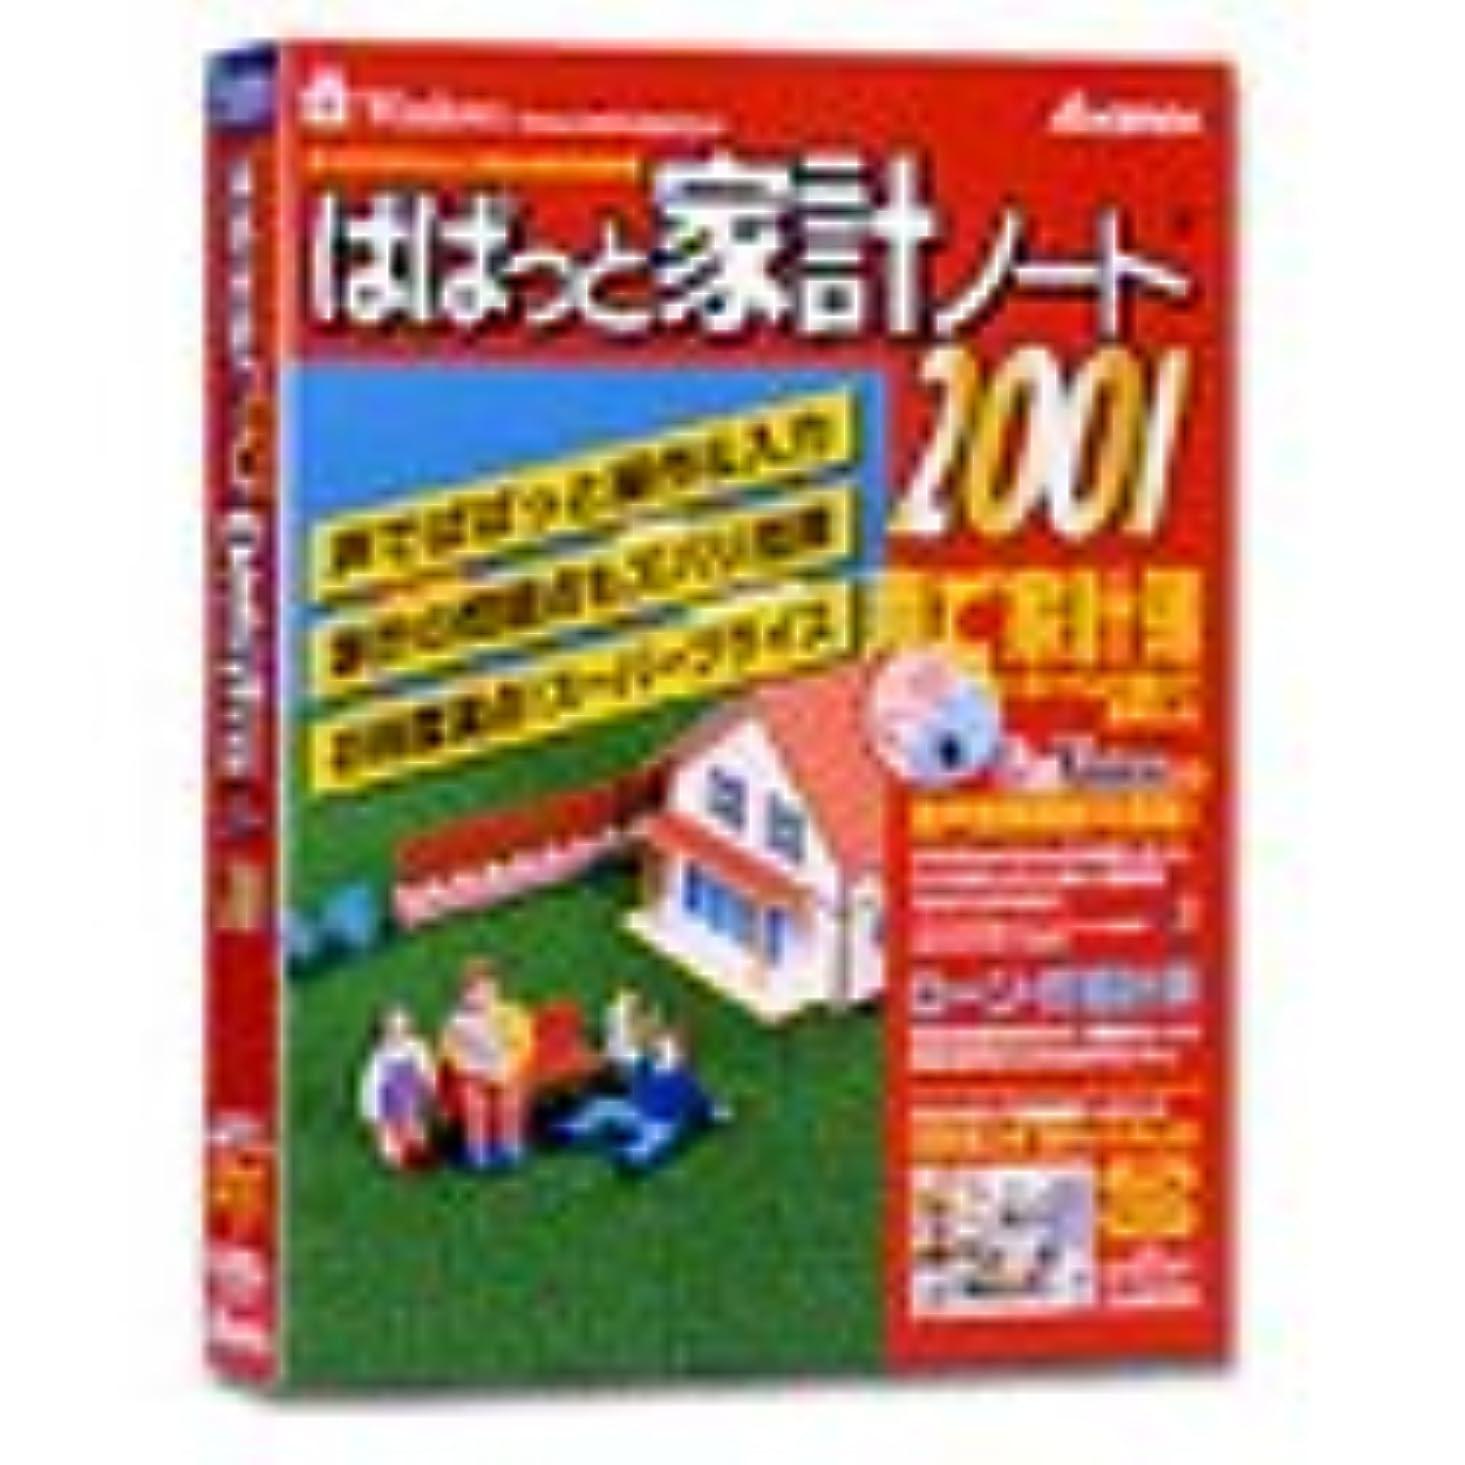 ぱぱっと家計ノート2001